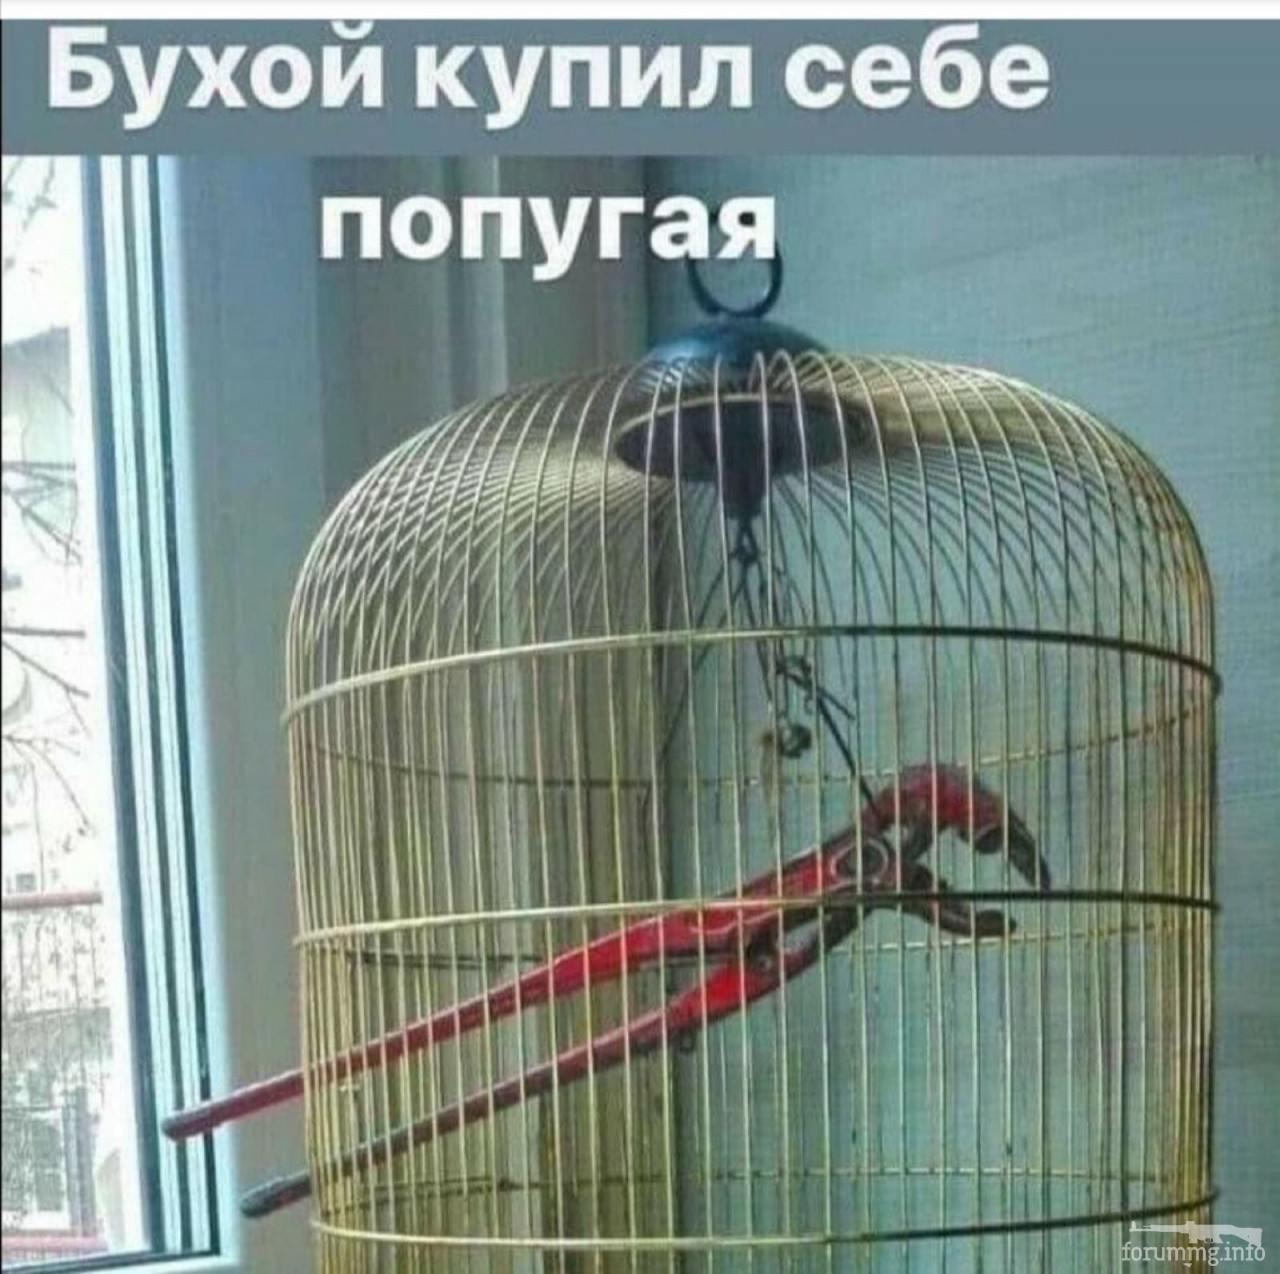 115851 - Пить или не пить? - пятничная алкогольная тема )))